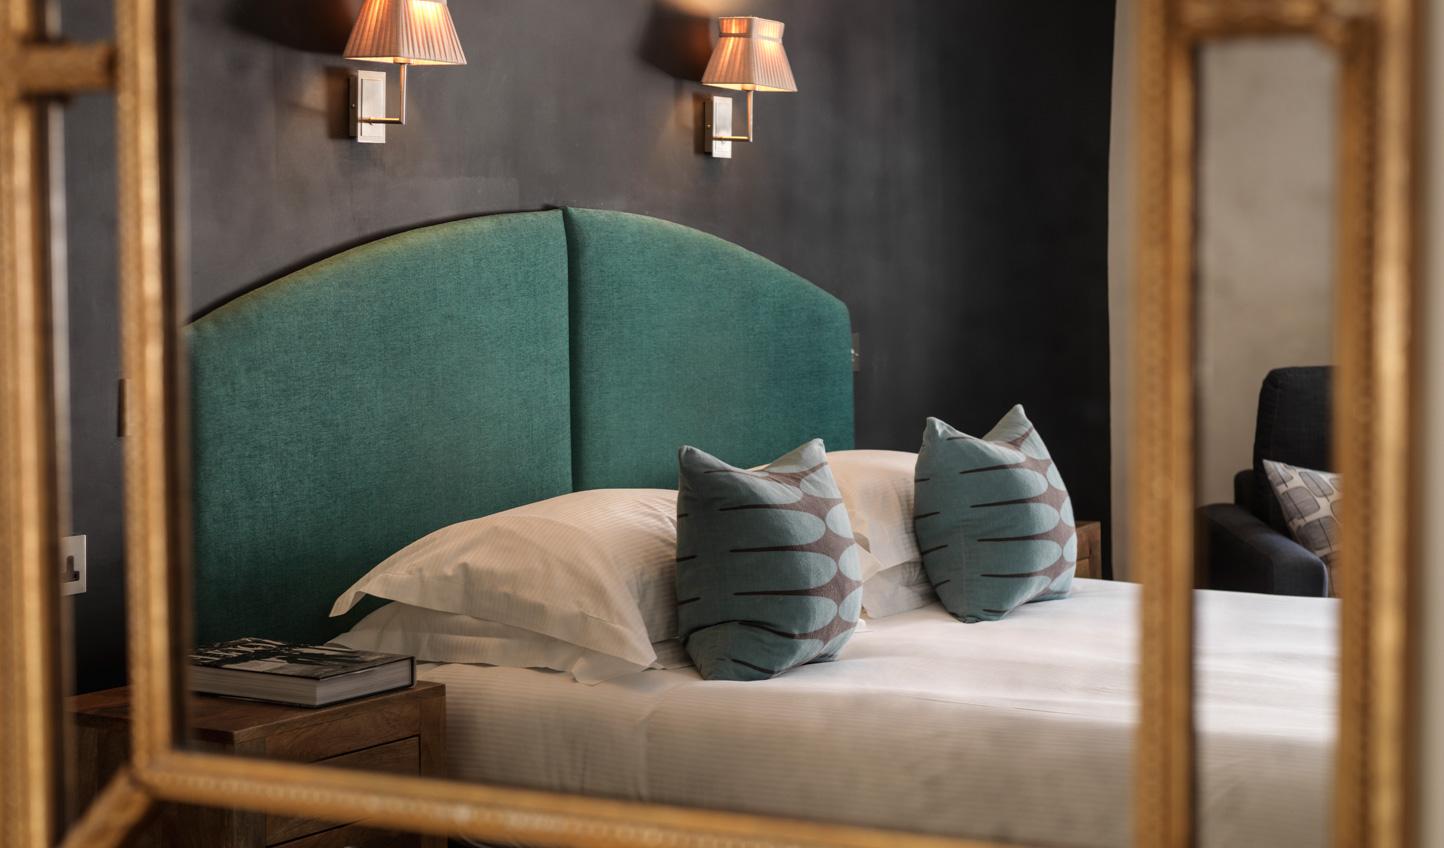 Sleek, modern designs in the rooms